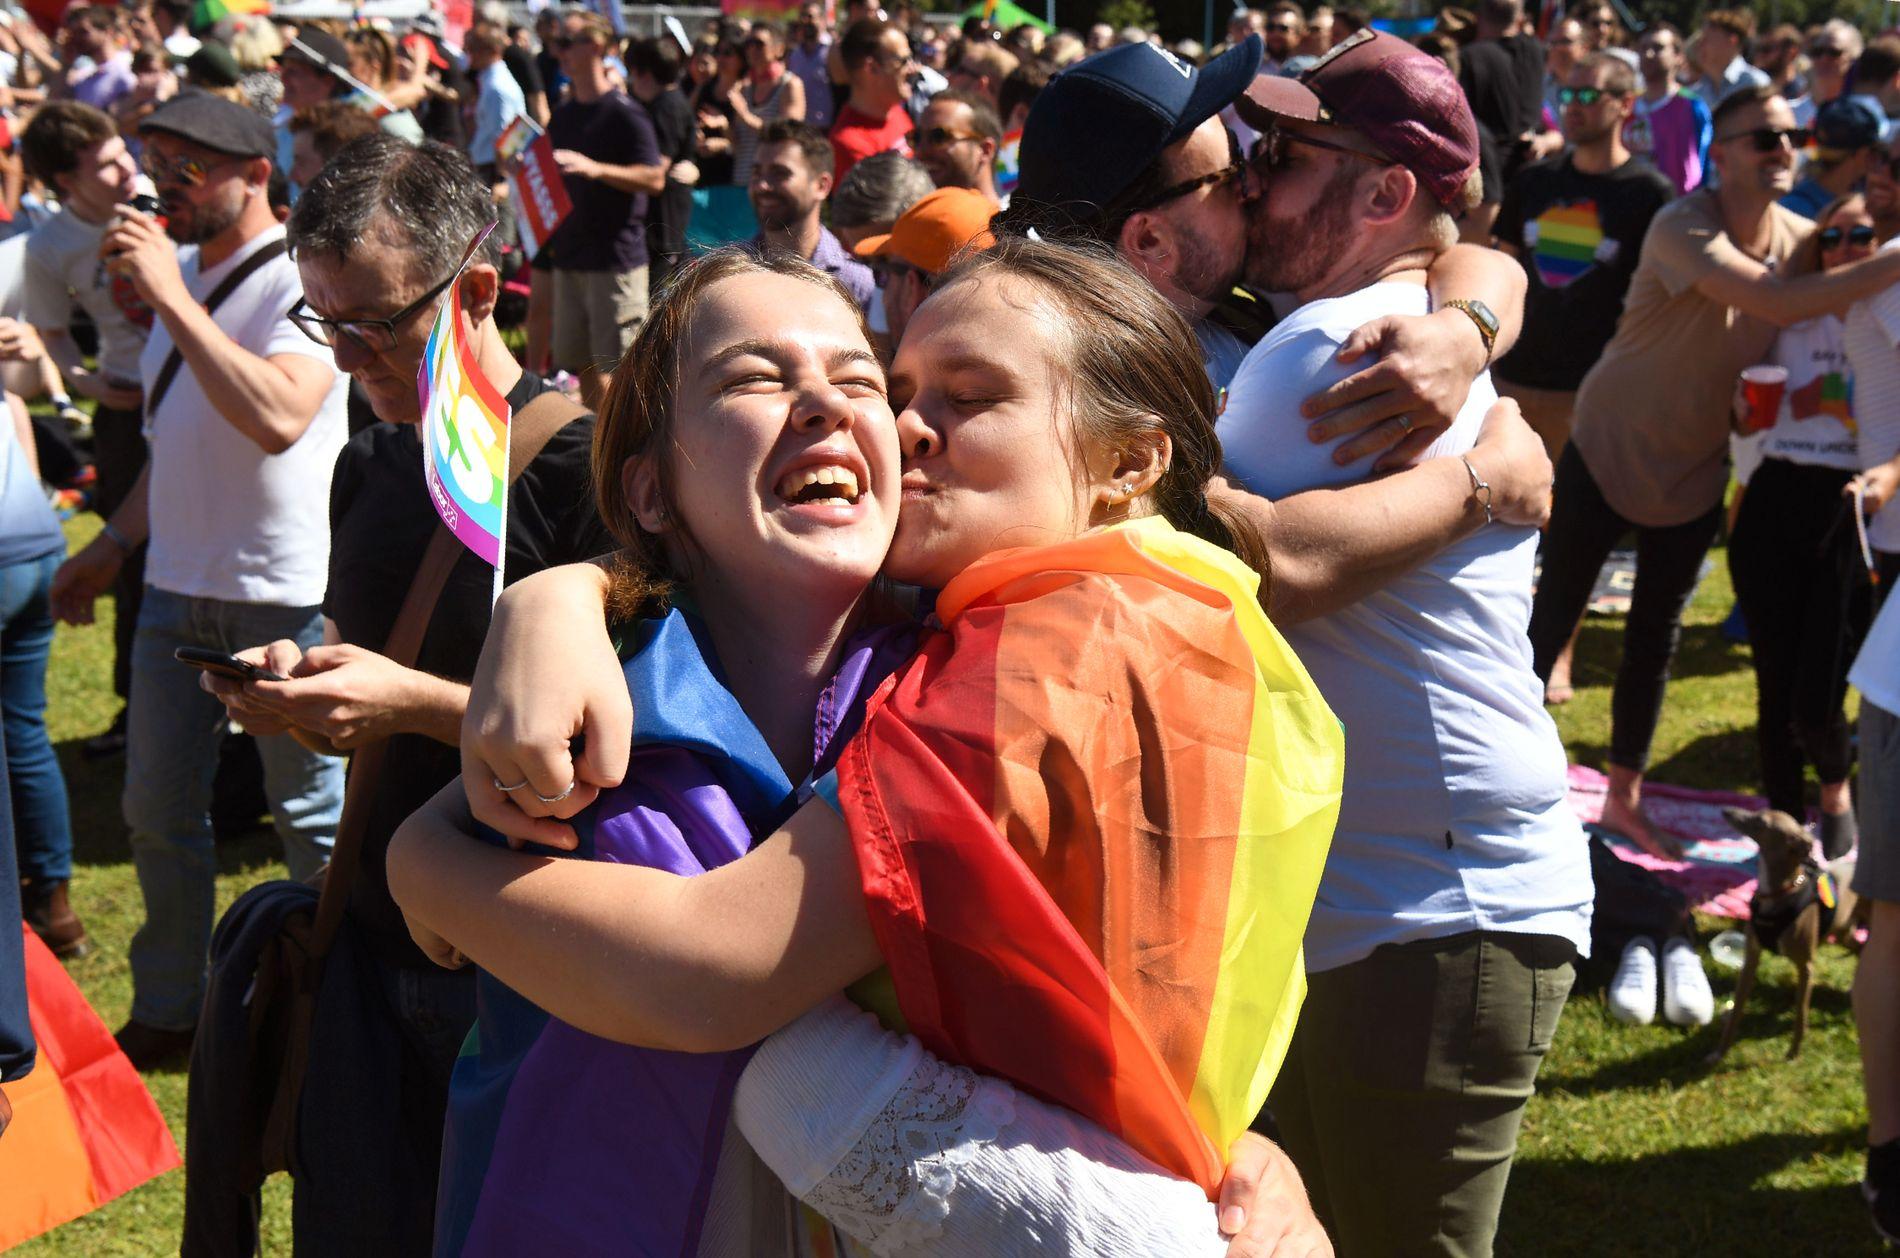 KLINTE TIL: I Prince Alfred Park i Sydney var det både jubel, tårer og kyss da resultatet ble klart.